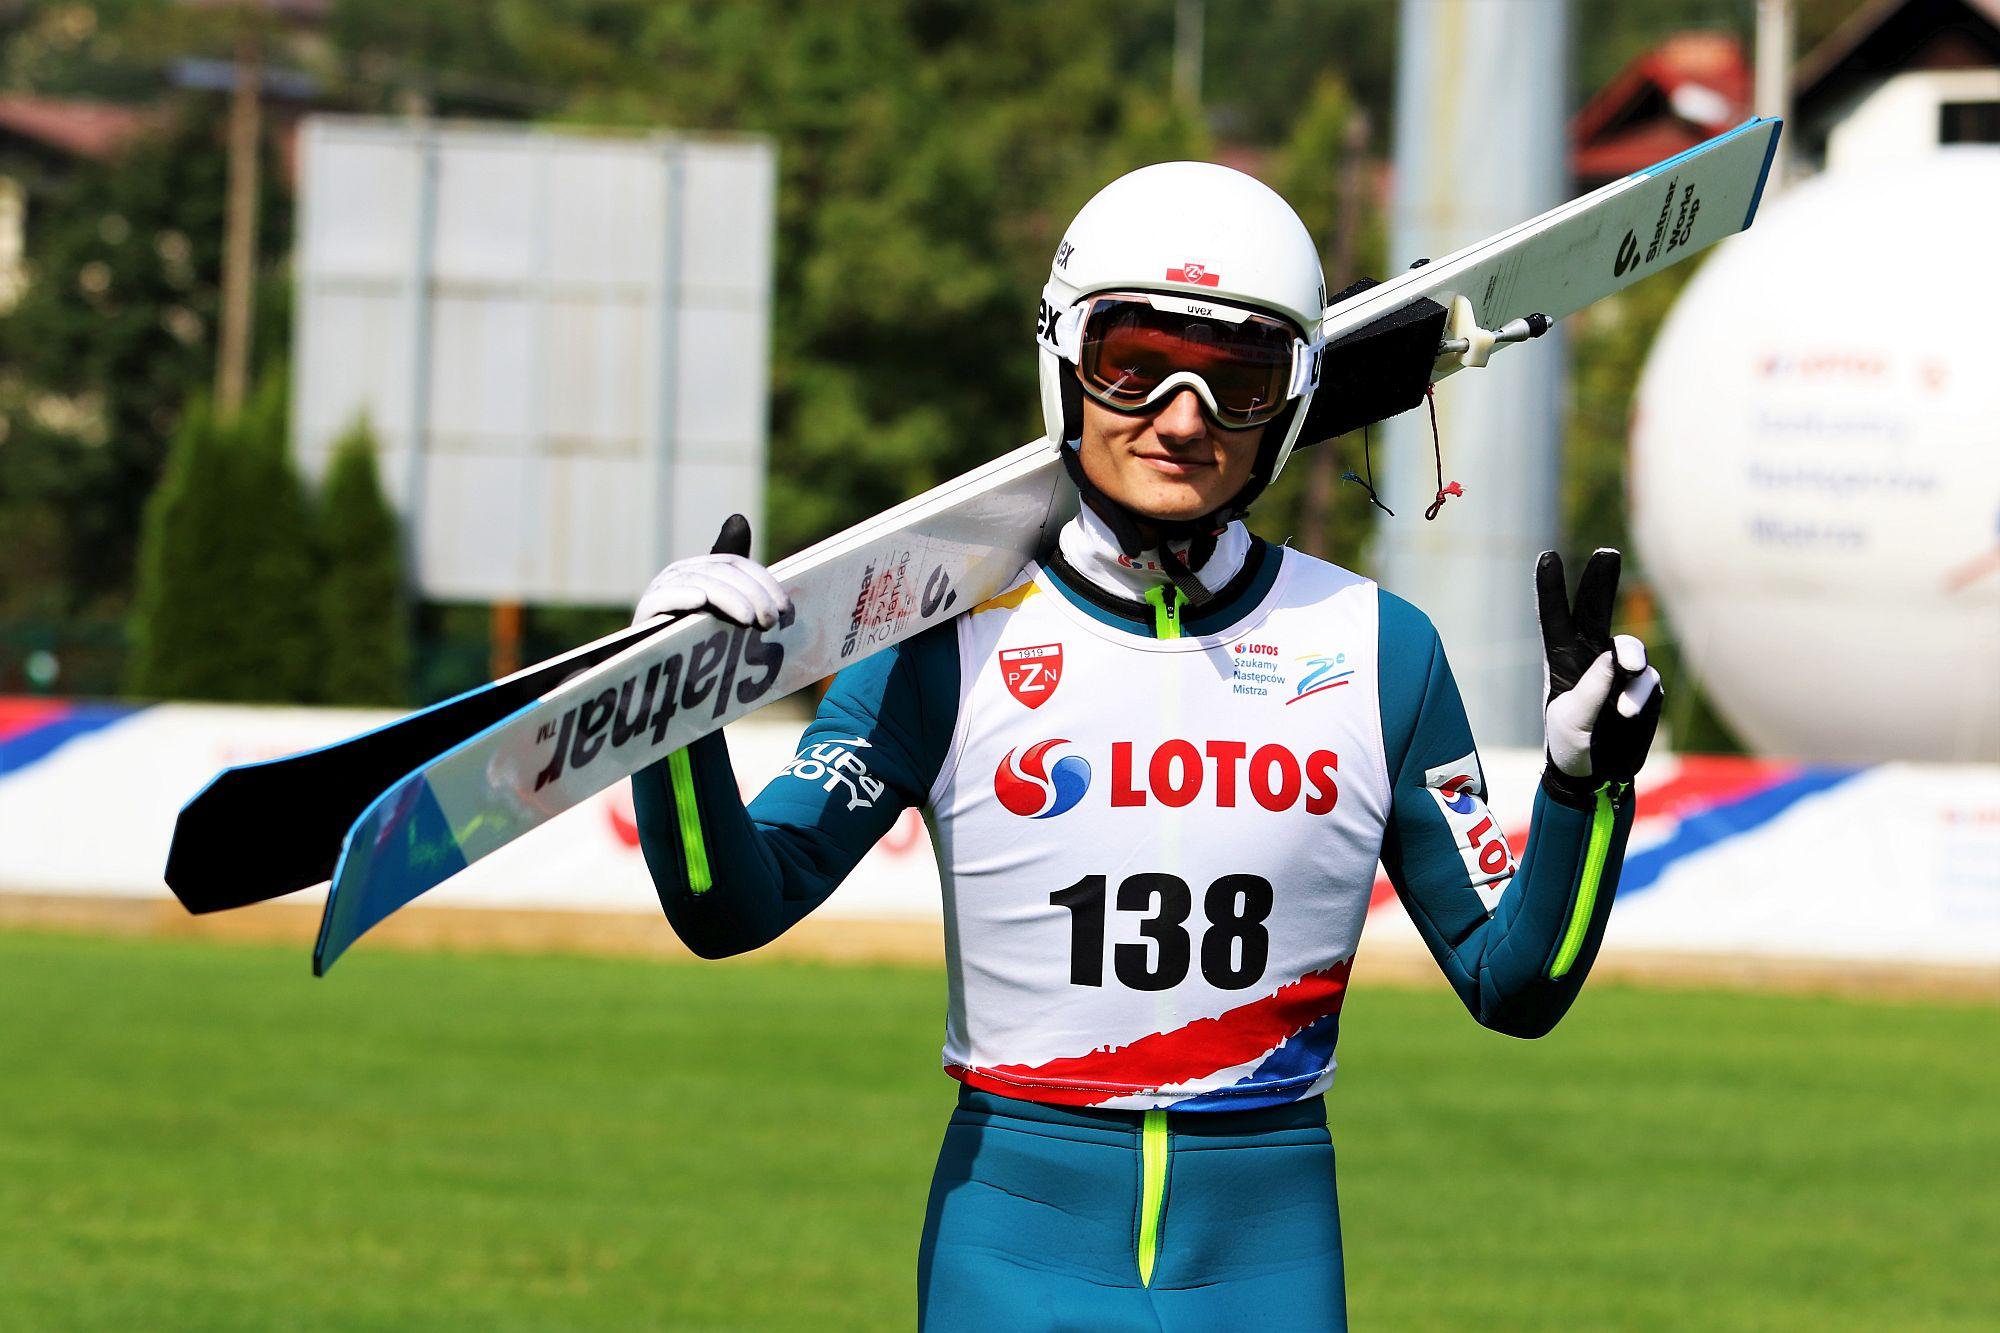 You are currently viewing Mateusz Gruszka i Wiktoria Przybyła najlepsi w niedzielnych zawodach LOTOS Cup